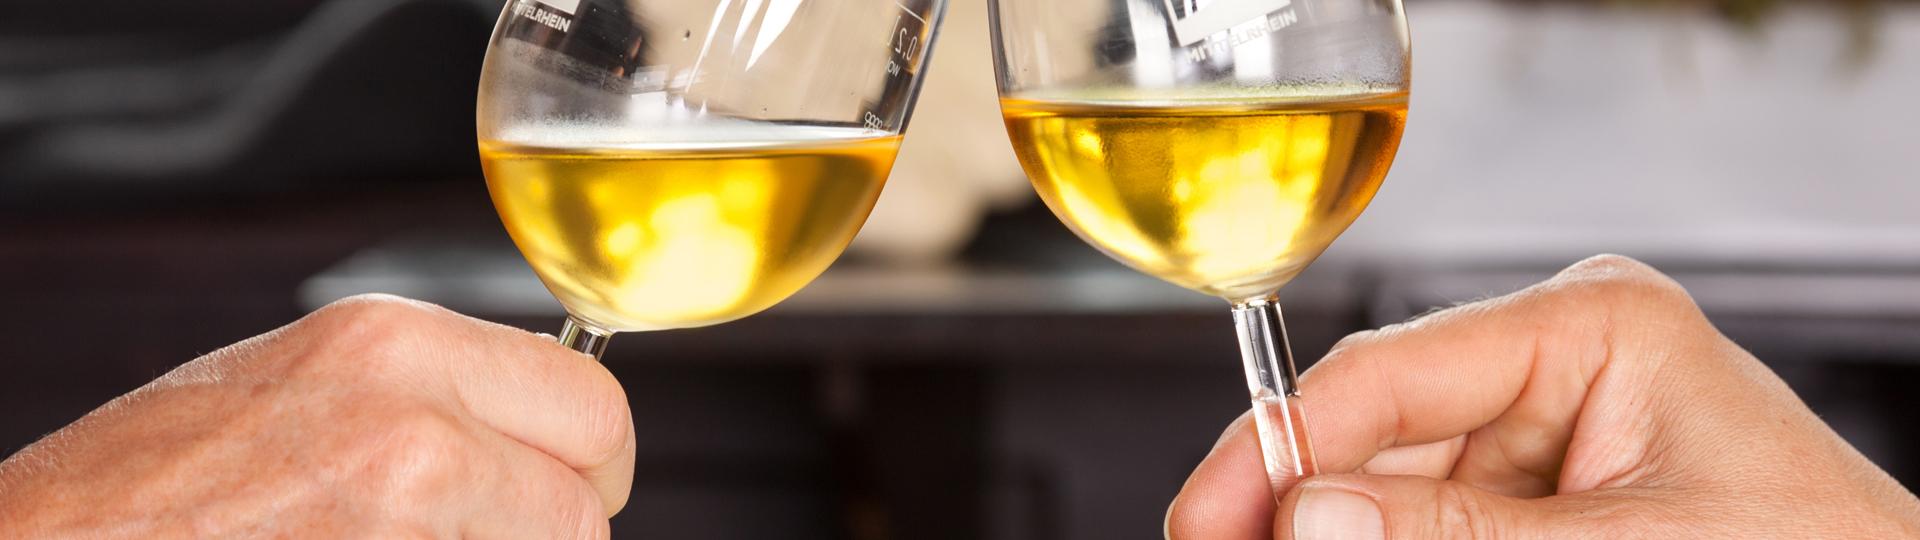 Wein und Essen in der Roemerburg